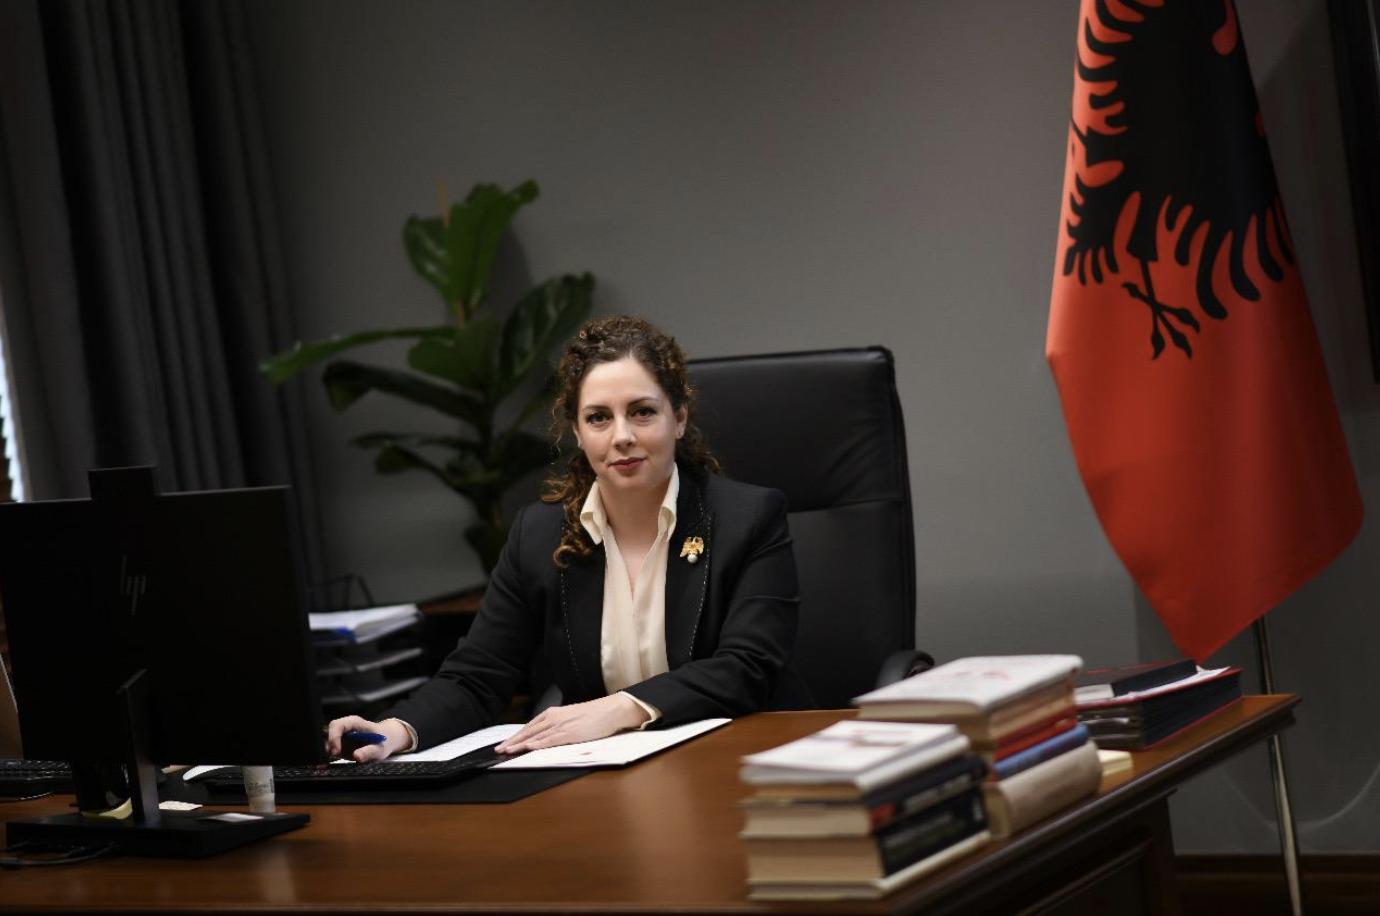 Albanija: Xhacka i Peleshi podržavaju povlačenje NATO iz Avganistana